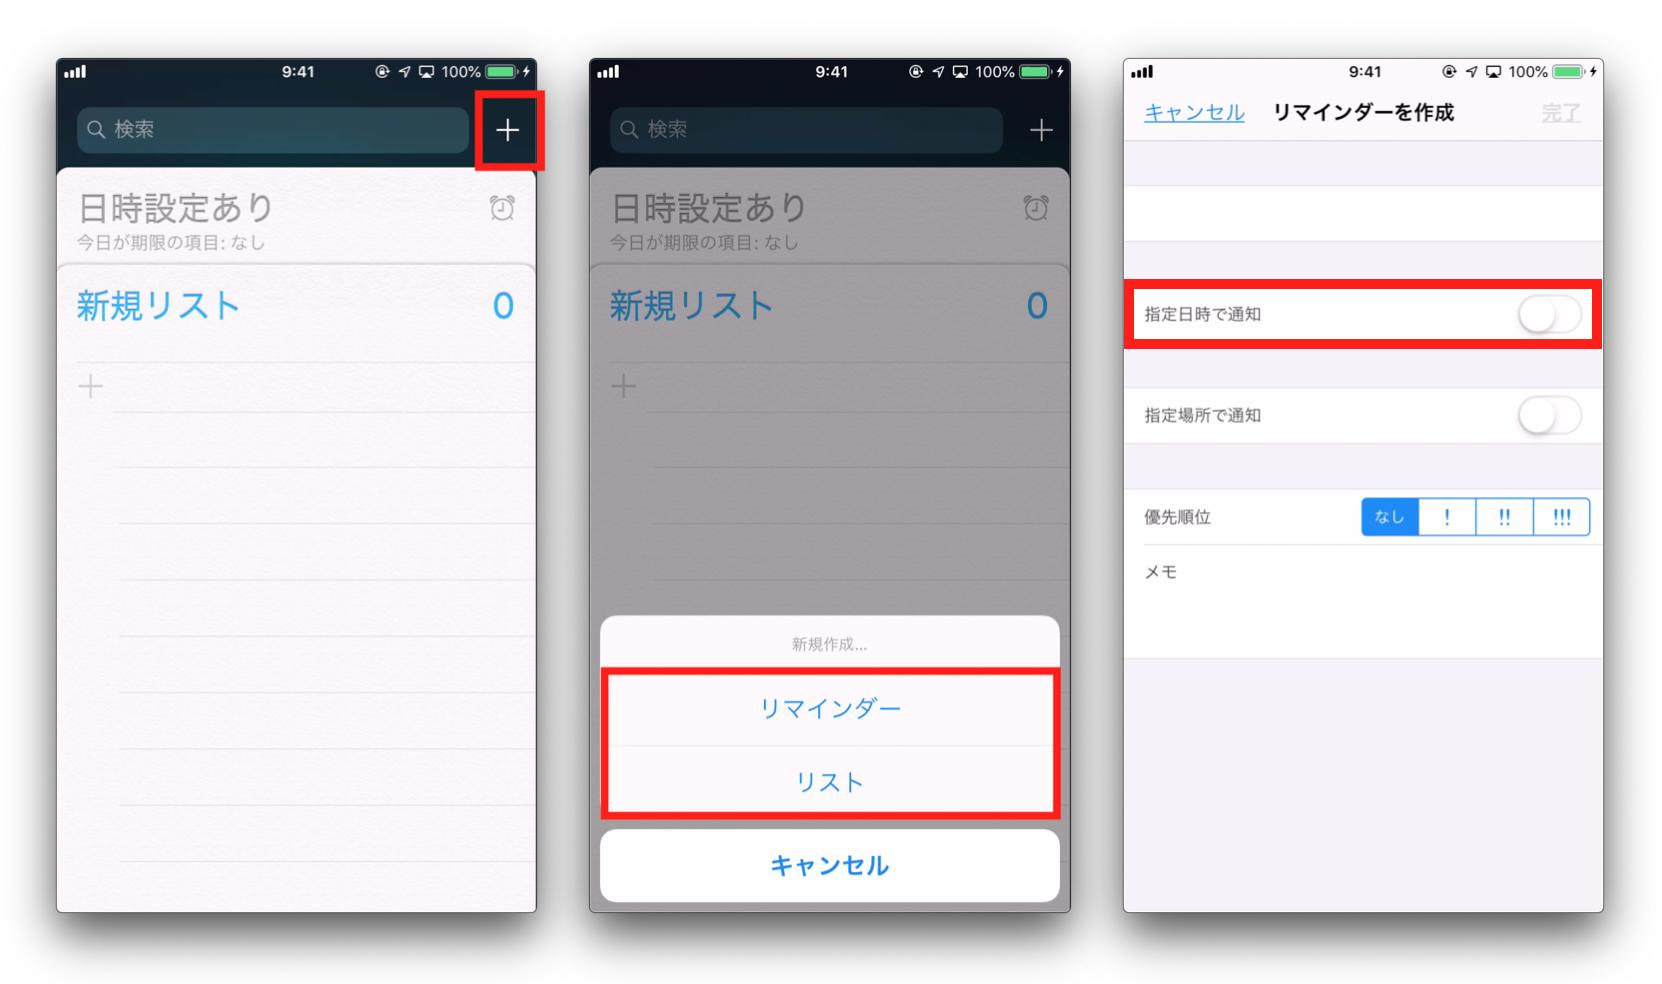 a241114de4 iPhoneリマインダー機能の便利な使い方5選!予定を作成/追加して通知 ...